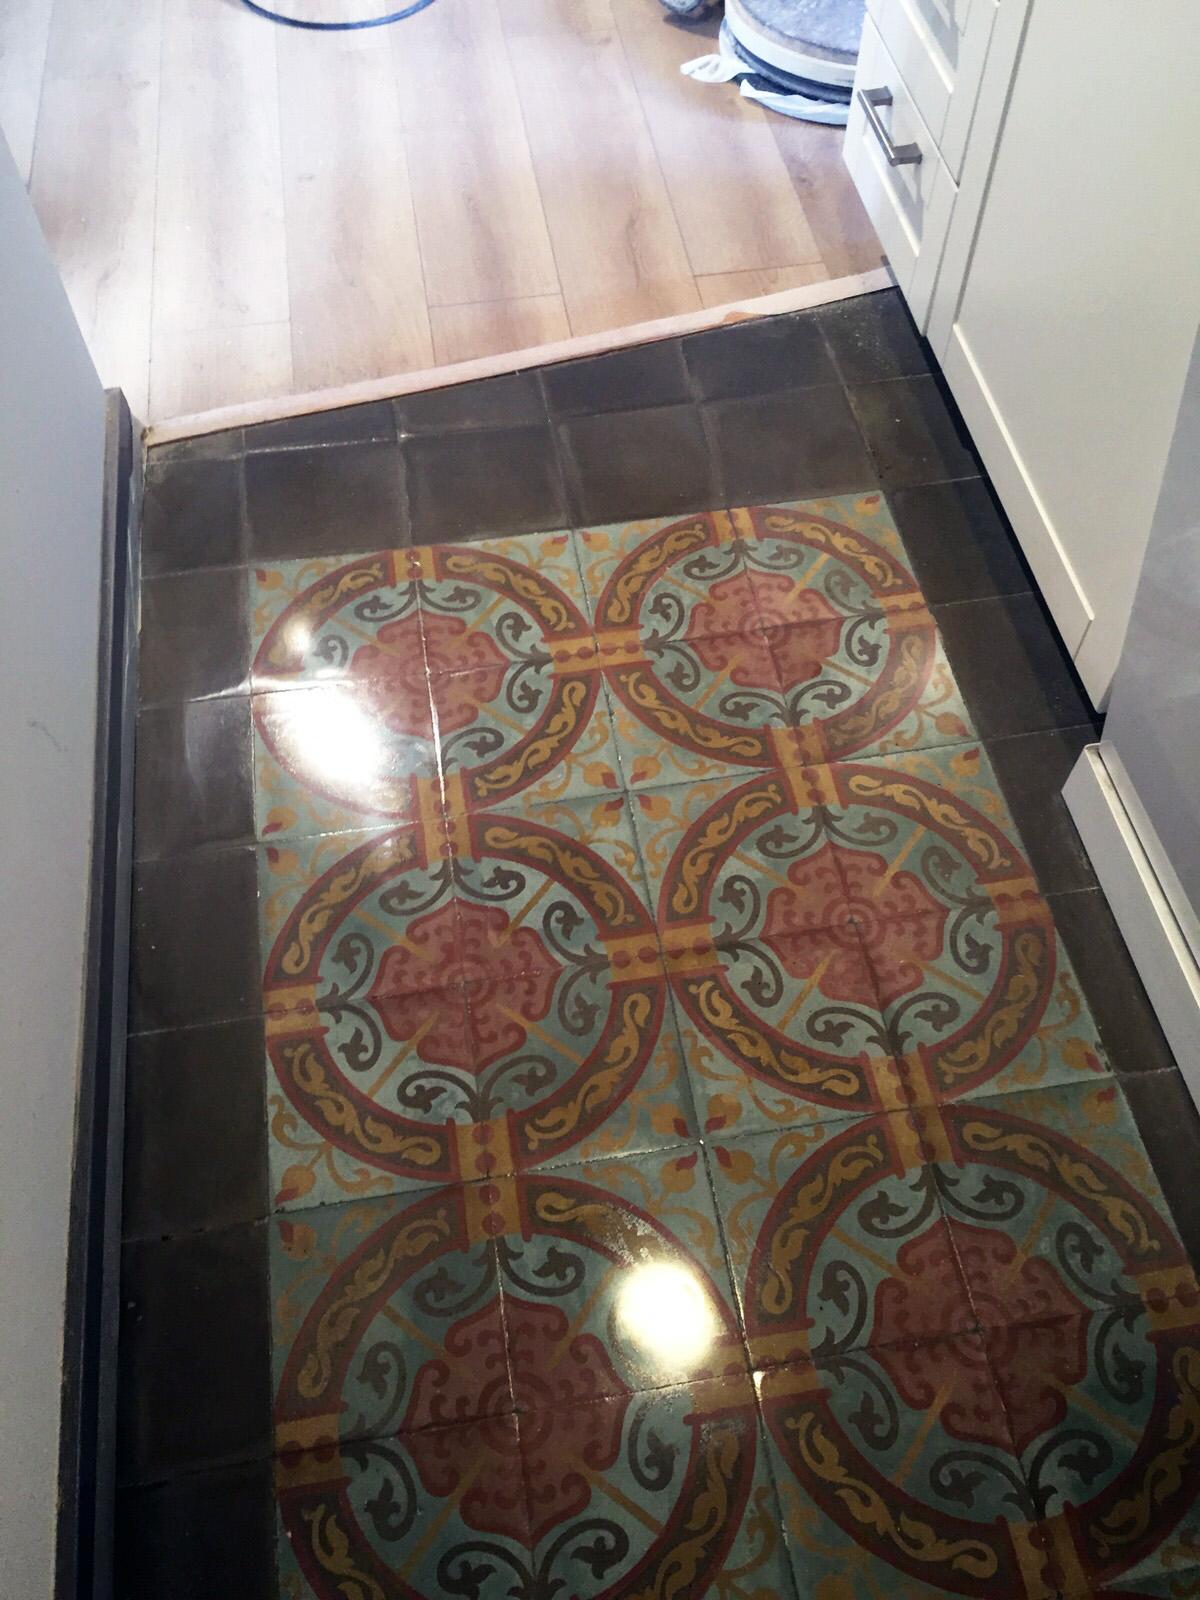 Restauración-de-mosaico-nolla-en-vivienda-Barcelona